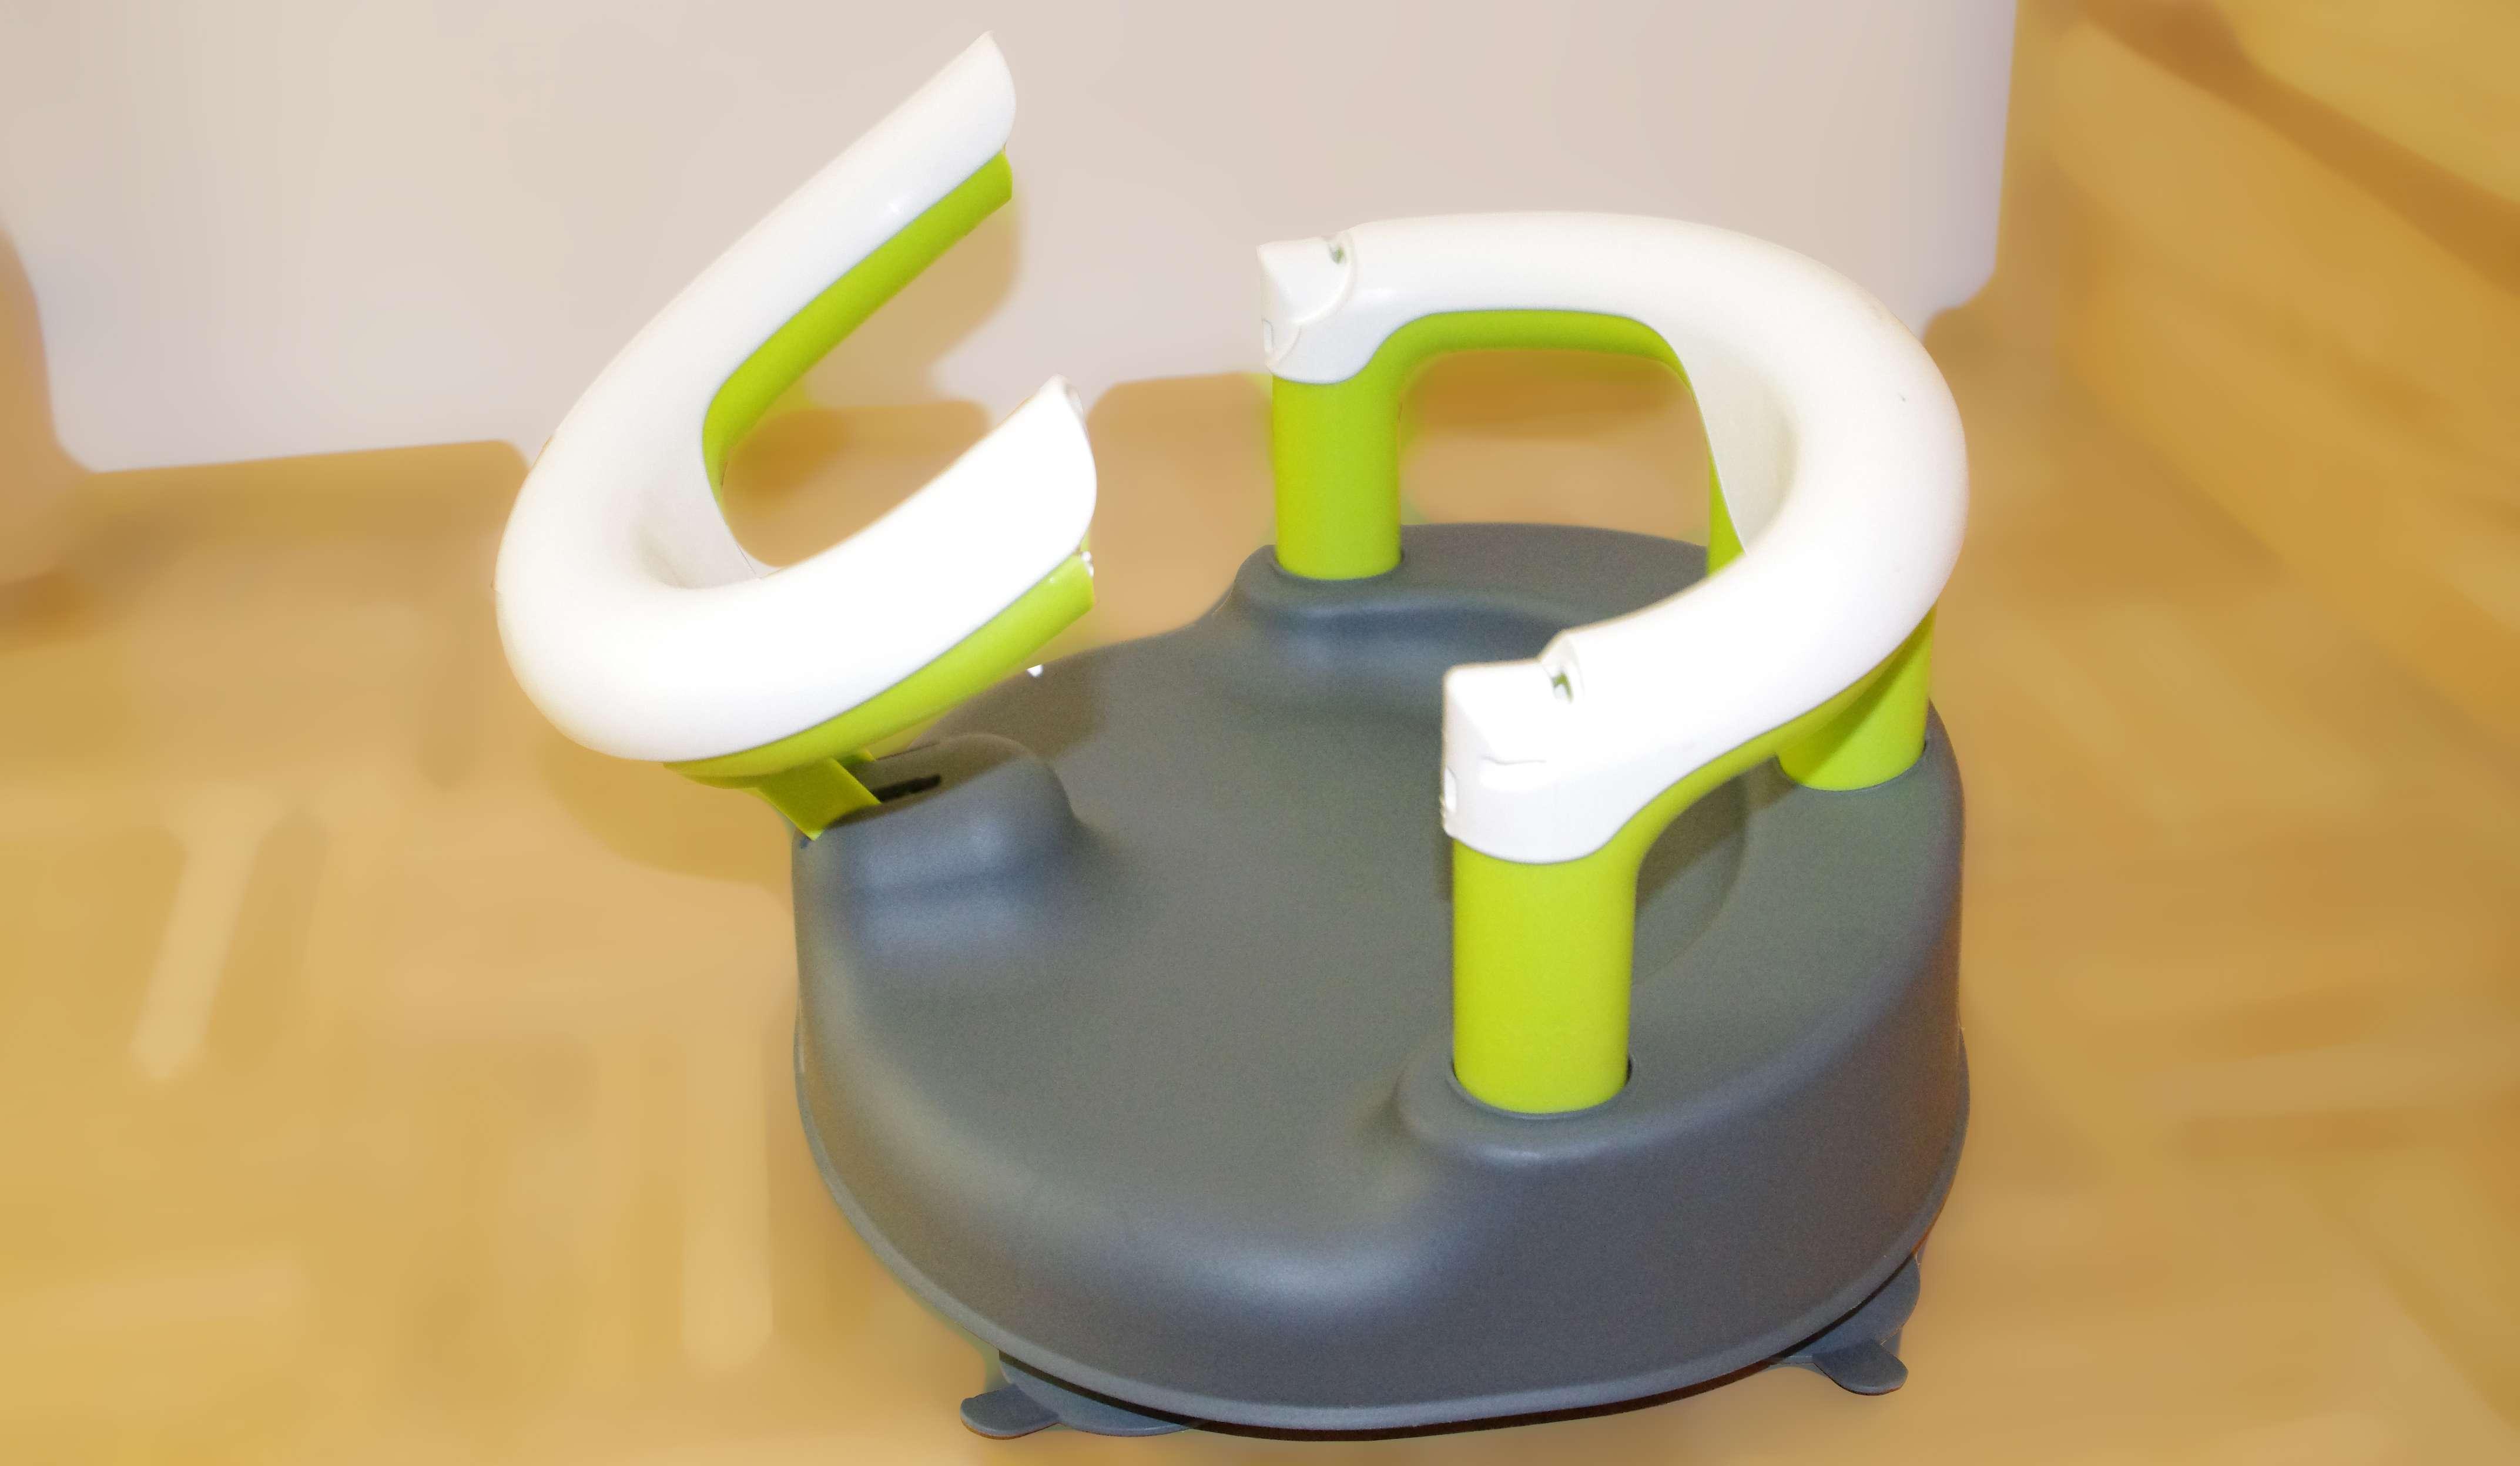 Kindersicherung 7-16 Monate 35x31,3x22cm BPA-frei Grau//Wei/ß//Apple Green 13kg Bis max Mit aufklappbarem Ring inkl Rotho Babydesign Badesitz